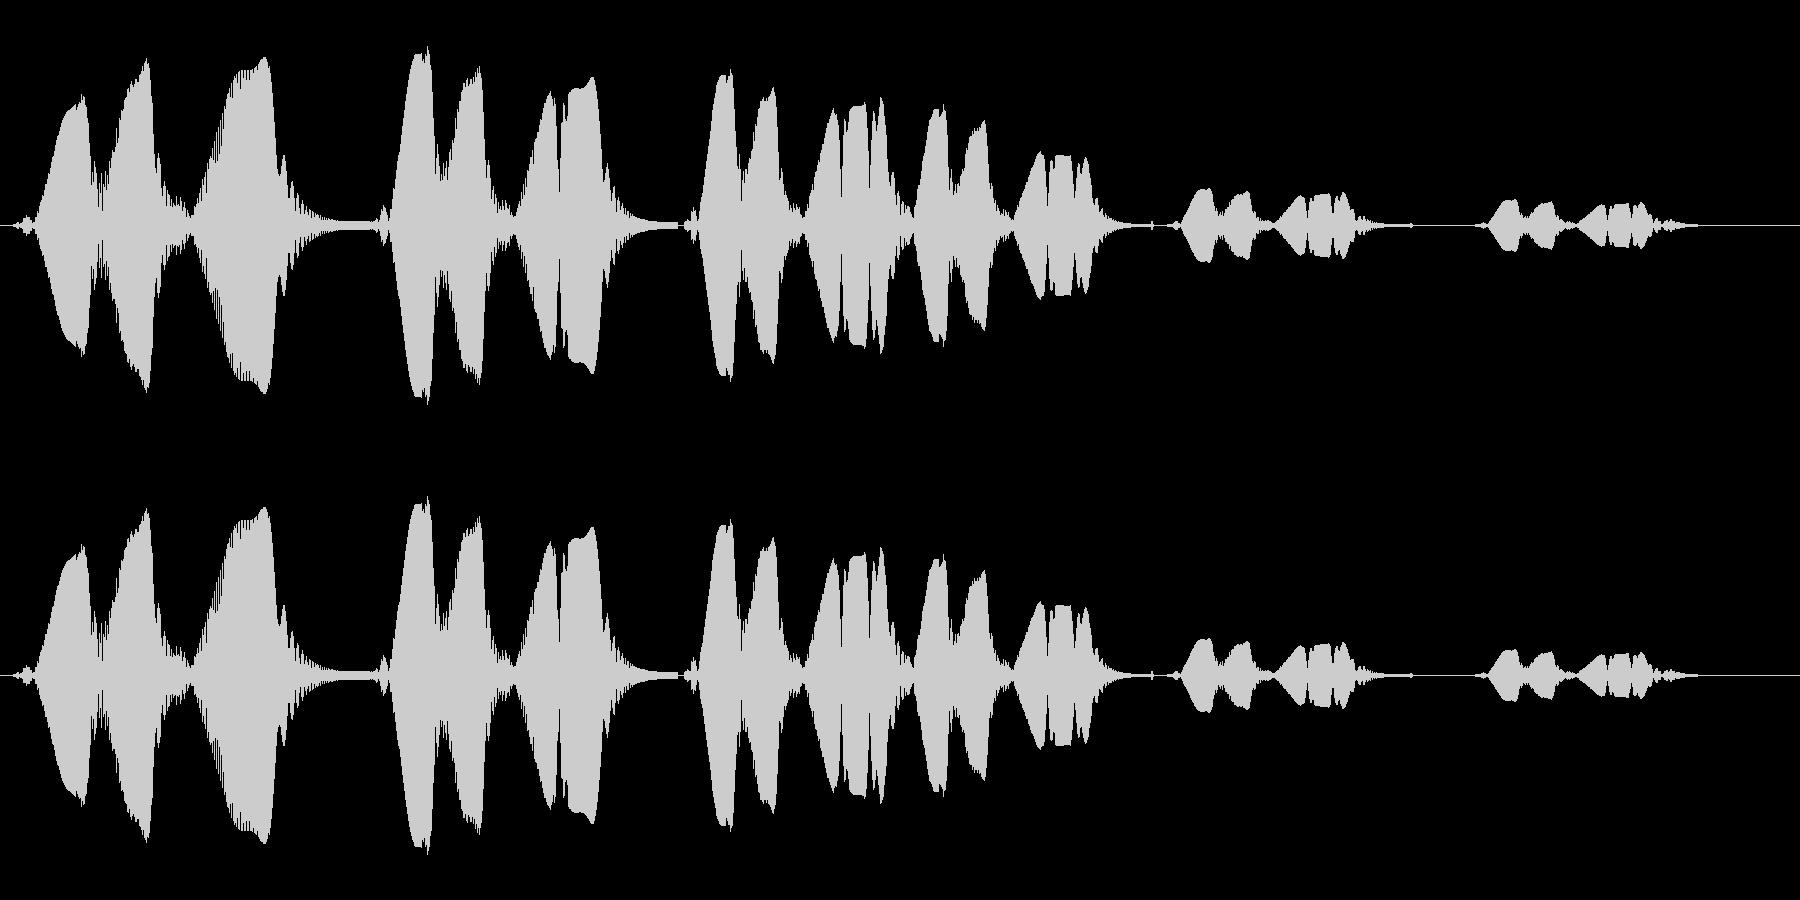 プワップワン(泡の音色)の未再生の波形